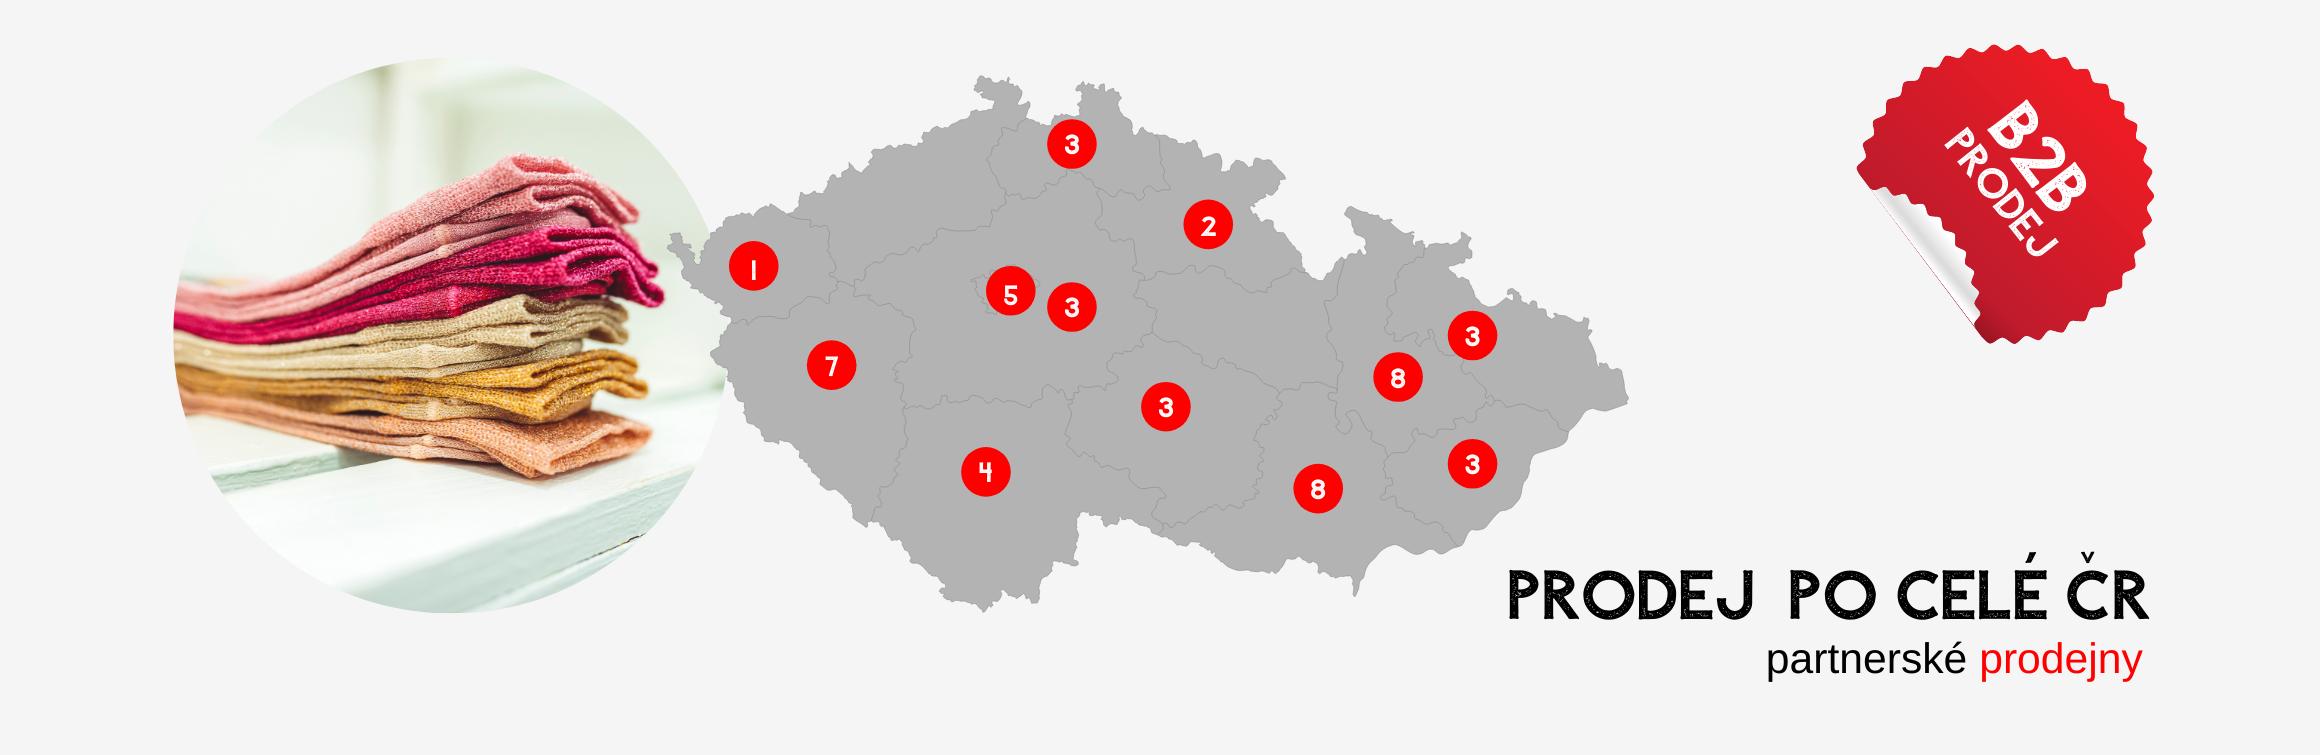 B2B prodej a prodejny po ČR a SK